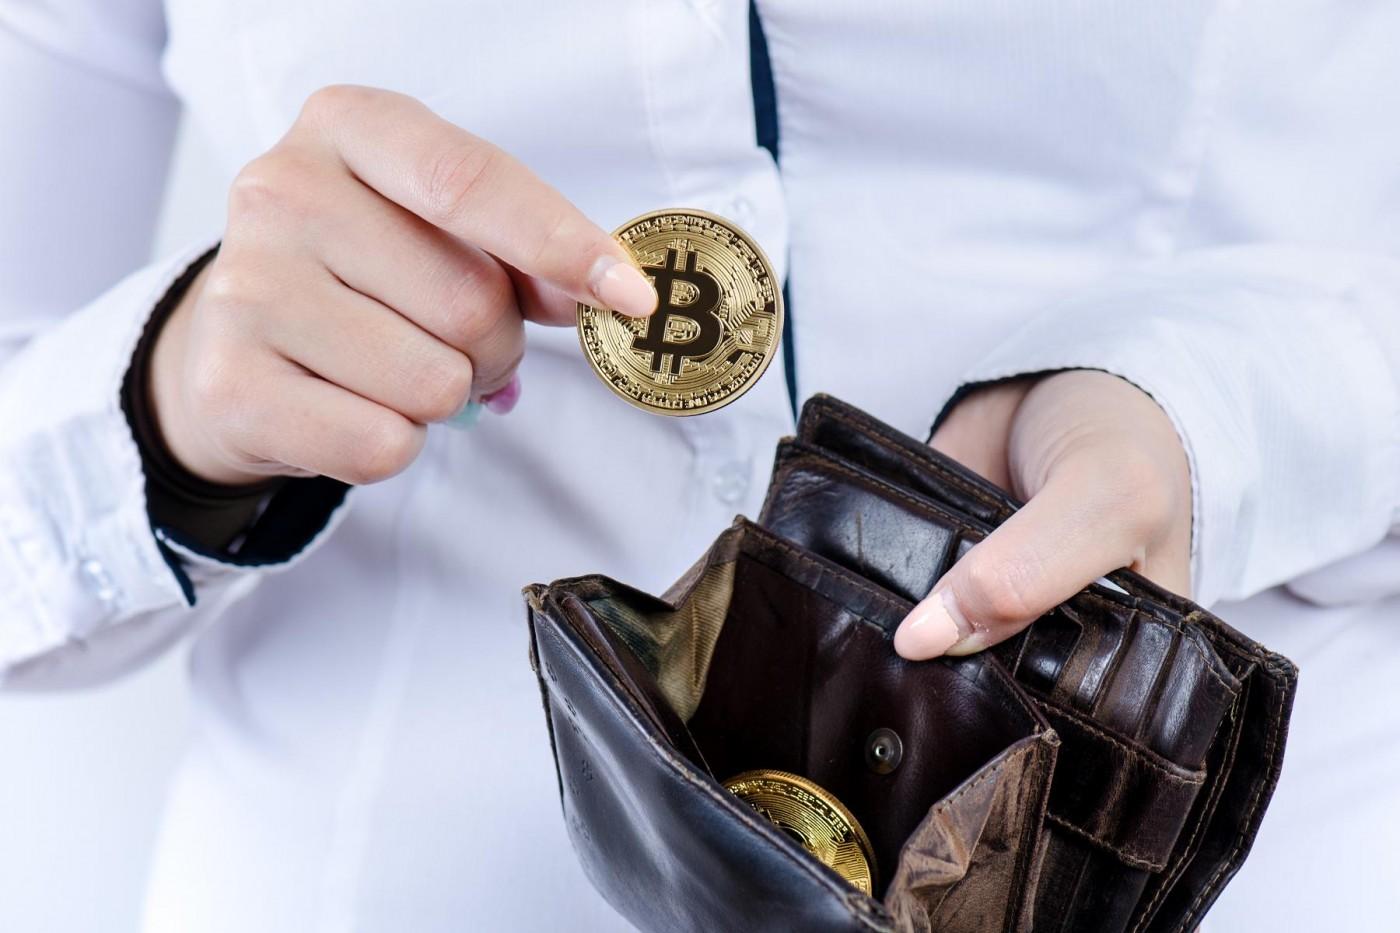 比特幣支付大爆發,2個使用關鍵必須要注意!